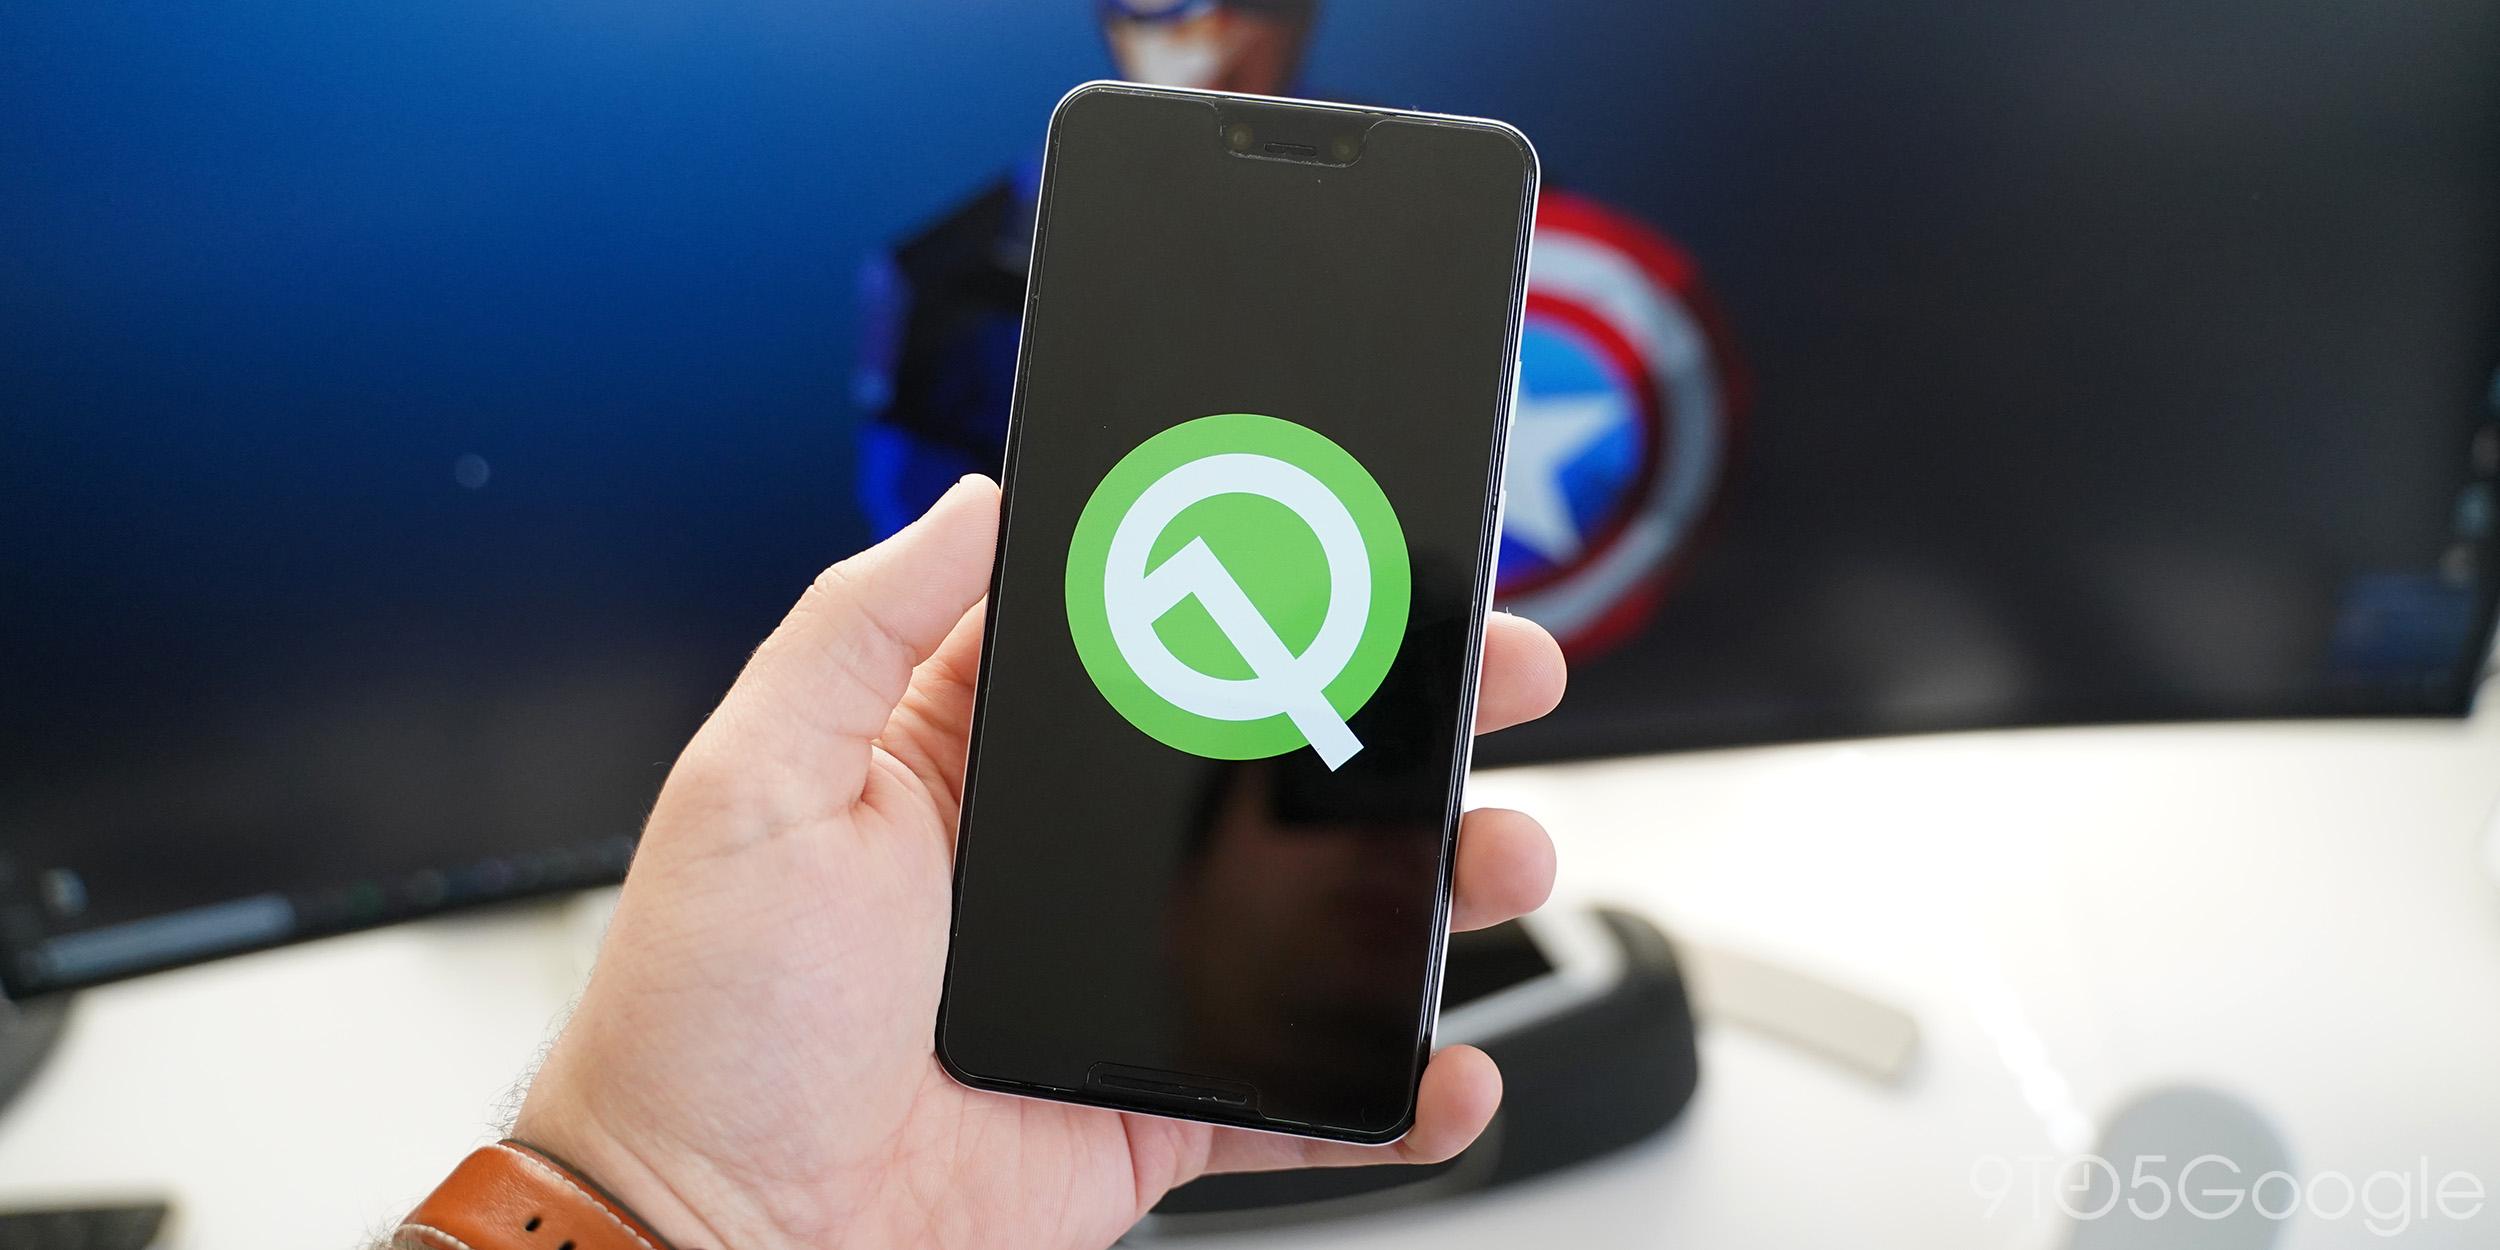 Die Änderungen von Android Q könnten Probleme beim Root-Zugriff bedeuten, sagt der Magisk-Entwickler